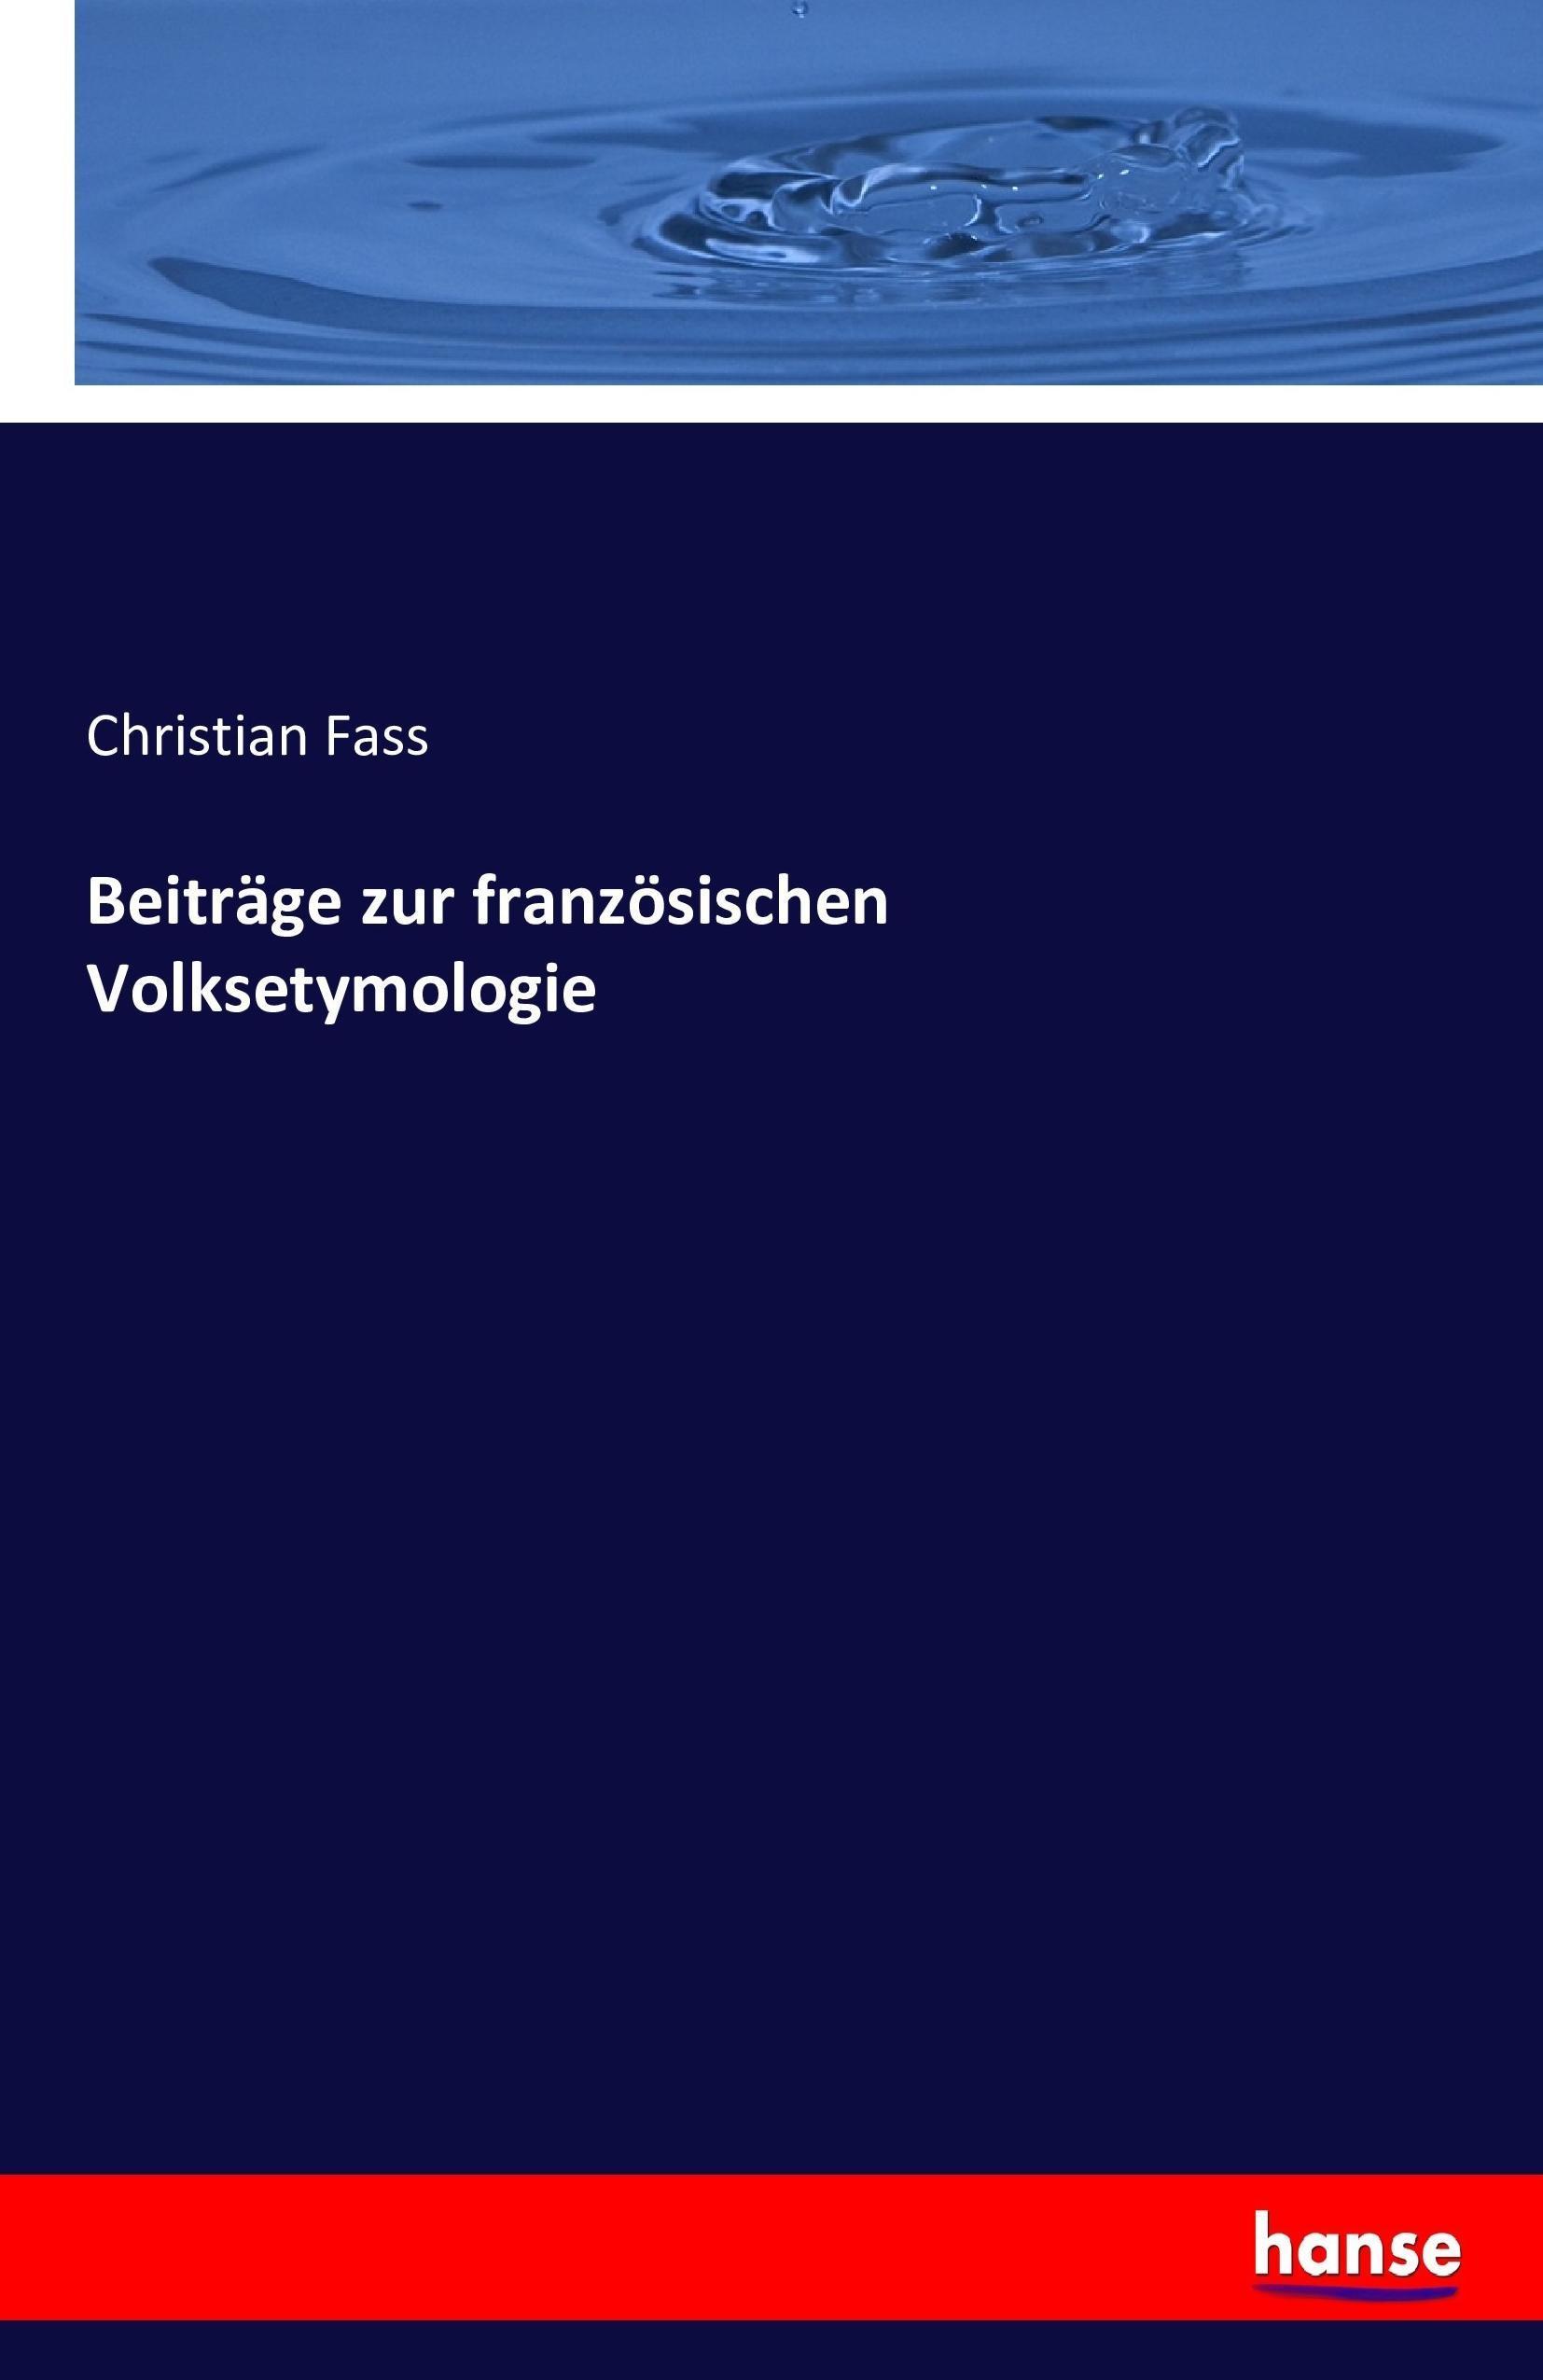 Beiträge zur französischen Volksetymologie Christian Fass